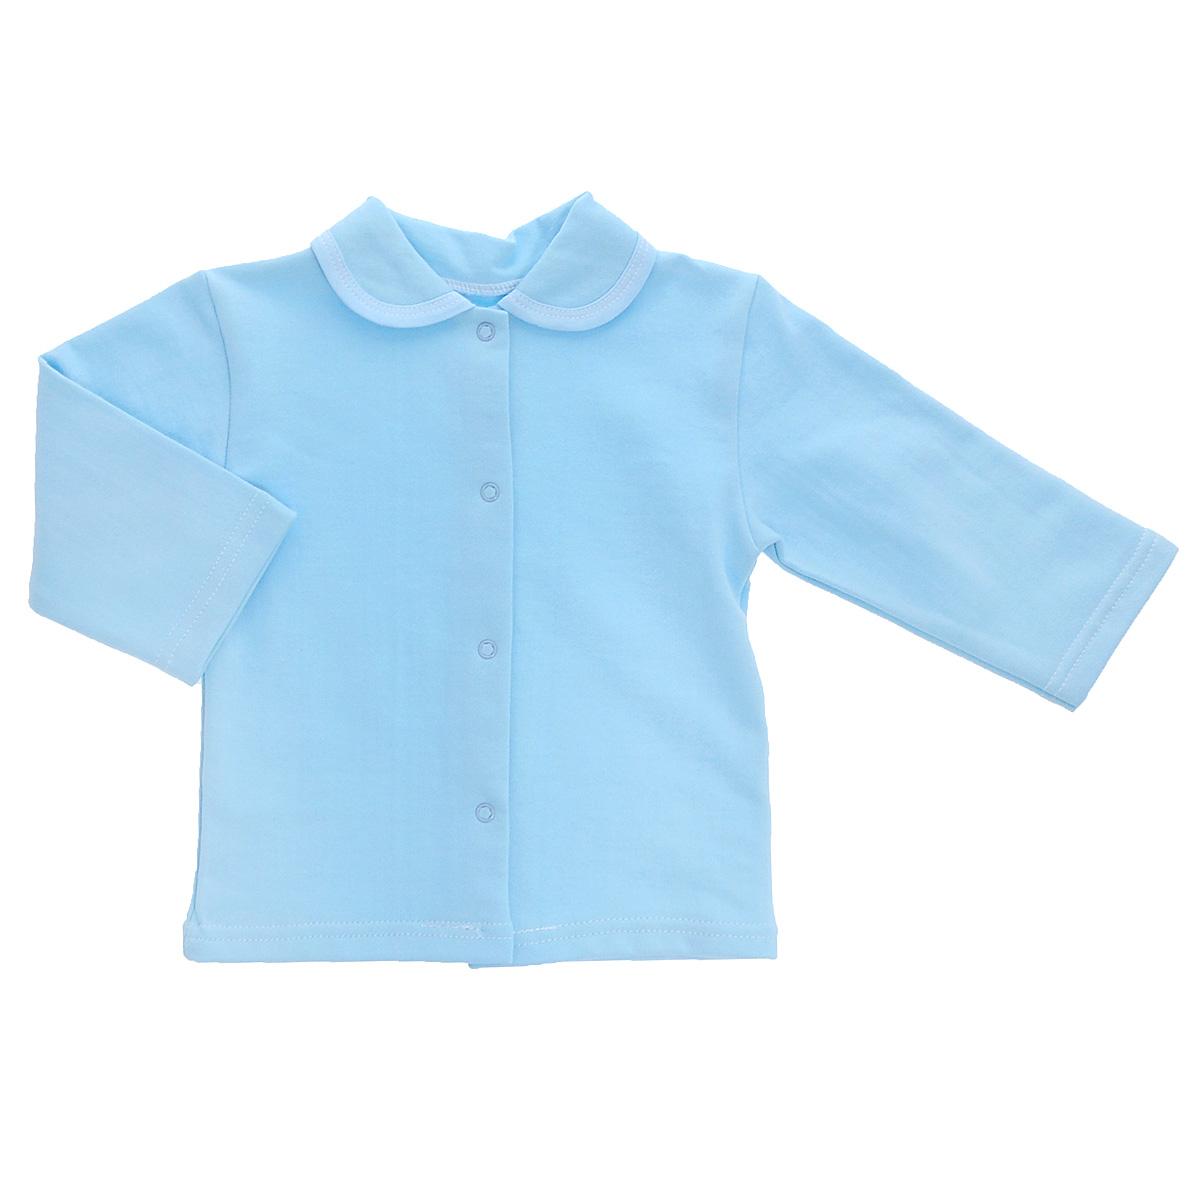 Кофточка детская Трон-плюс, цвет: голубой. 5175. Размер 74, 9 месяцев5175Кофточка для новорожденного Трон-плюс с длинными рукавами послужит идеальным дополнением к гардеробу вашего малыша, обеспечивая ему наибольший комфорт. Изготовленная из футерованного полотна - натурального хлопка, она необычайно мягкая и легкая, не раздражает нежную кожу ребенка и хорошо вентилируется, а эластичные швы приятны телу малыша и не препятствуют его движениям. Удобные застежки-кнопки по всей длине помогают легко переодеть младенца. Модель дополнена отложным воротником.Кофточка полностью соответствует особенностям жизни ребенка в ранний период, не стесняя и не ограничивая его в движениях.